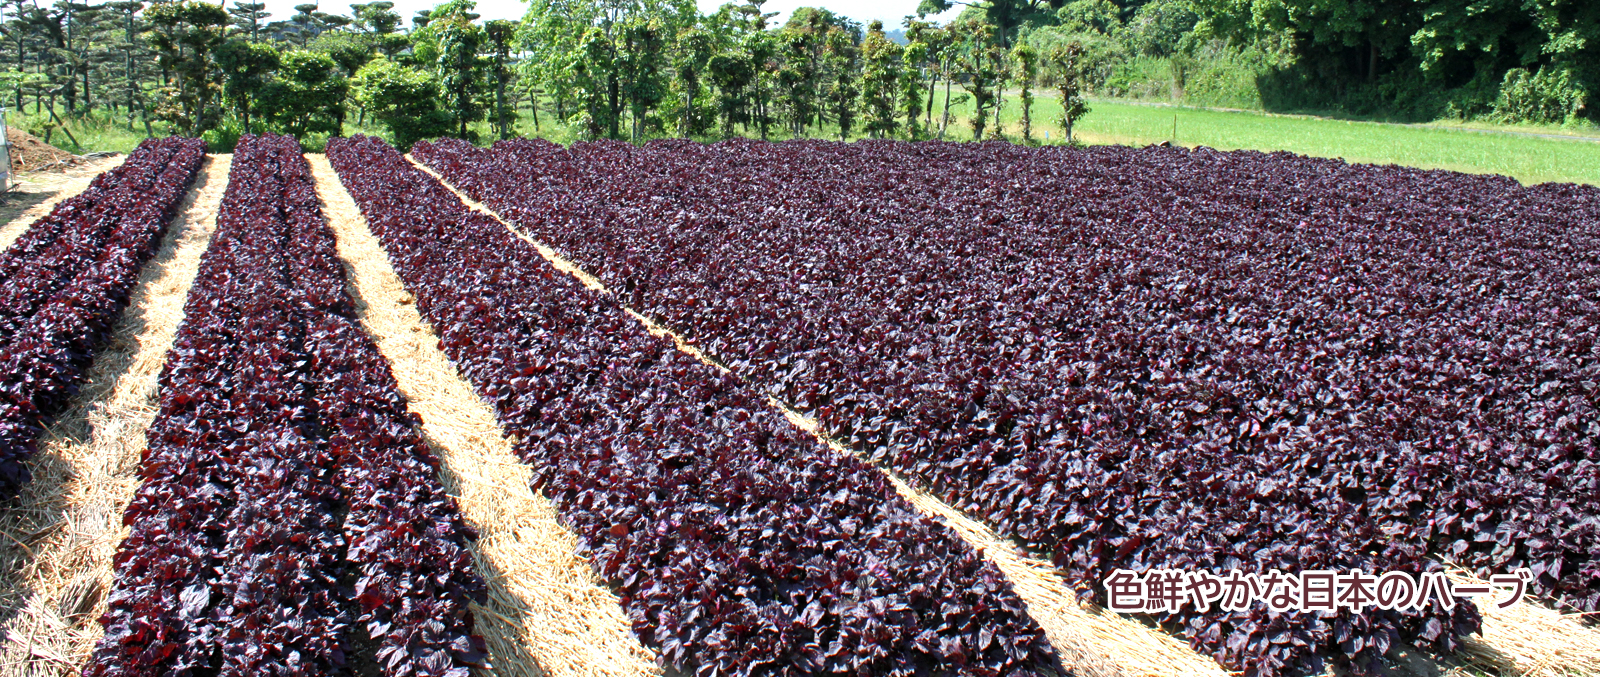 旬の農産物「赤シソ」